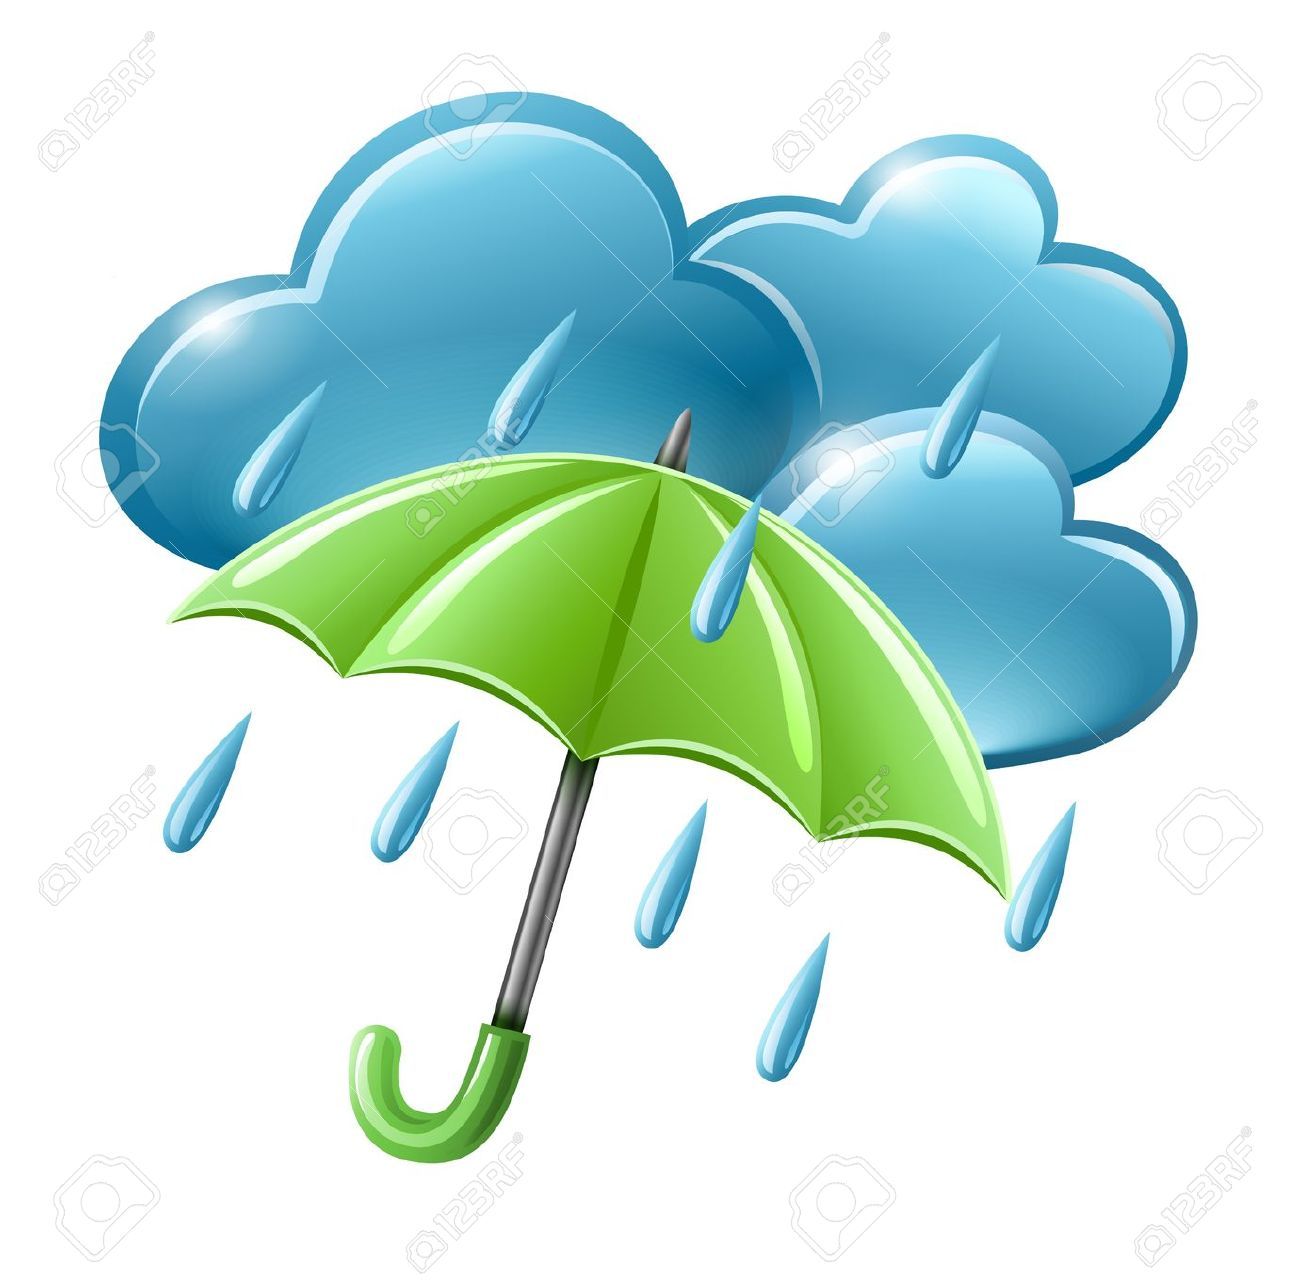 16,324 Rainy Season Stock Vector Illustration And Royalty Free.